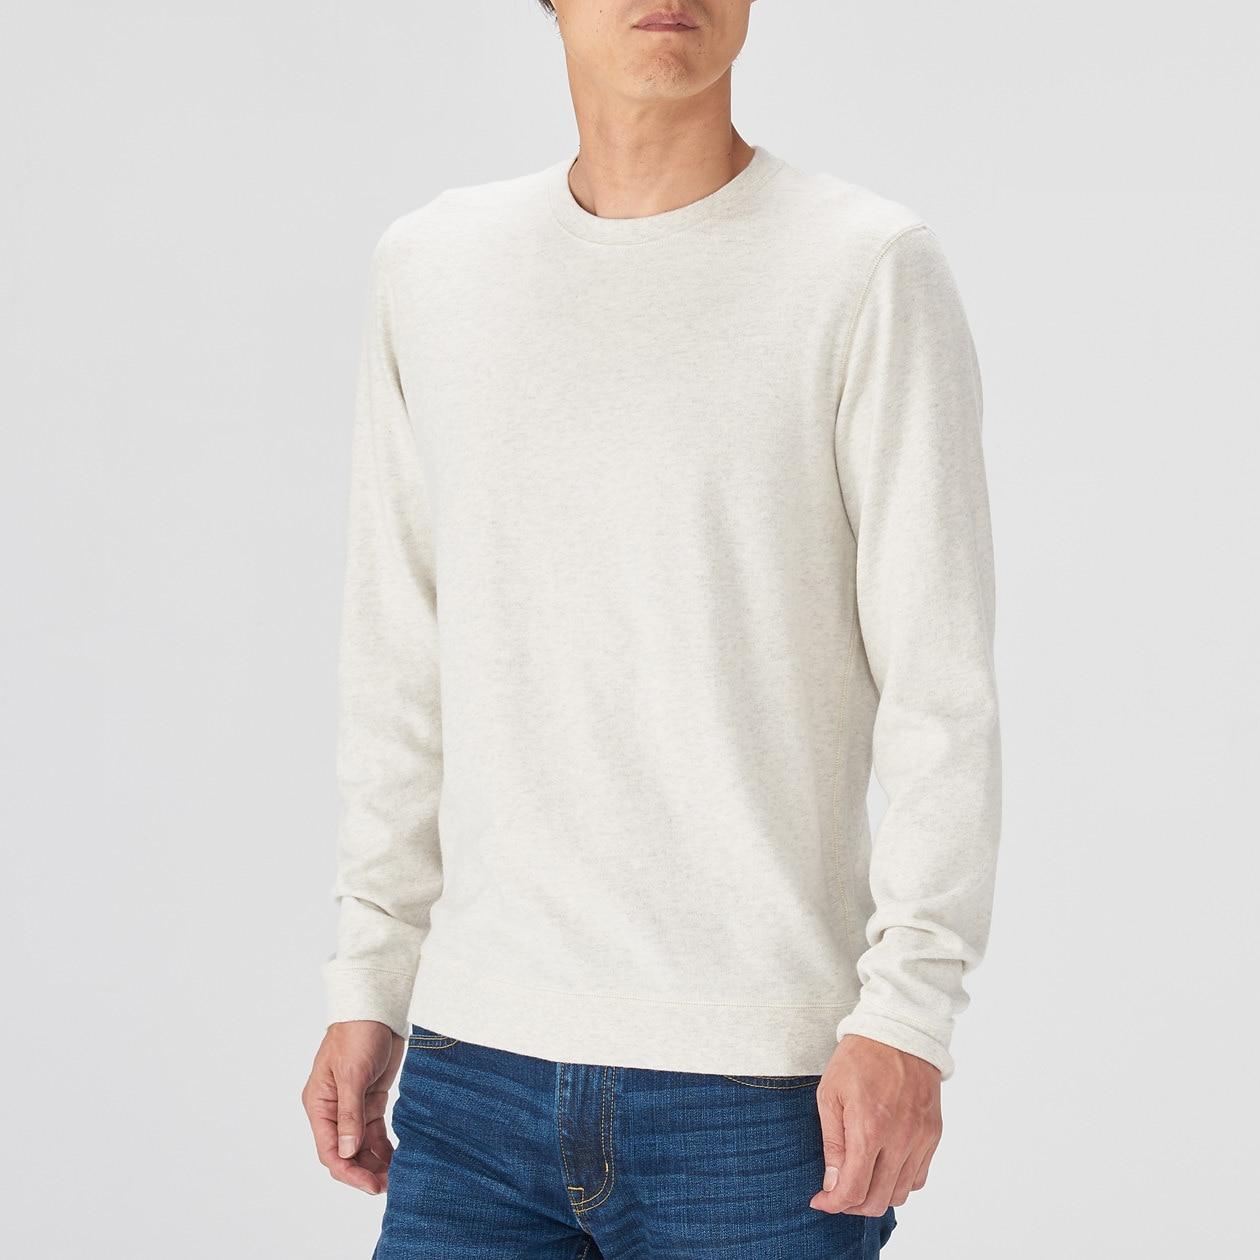 オーガニックコットン甘撚り長袖Tシャツ